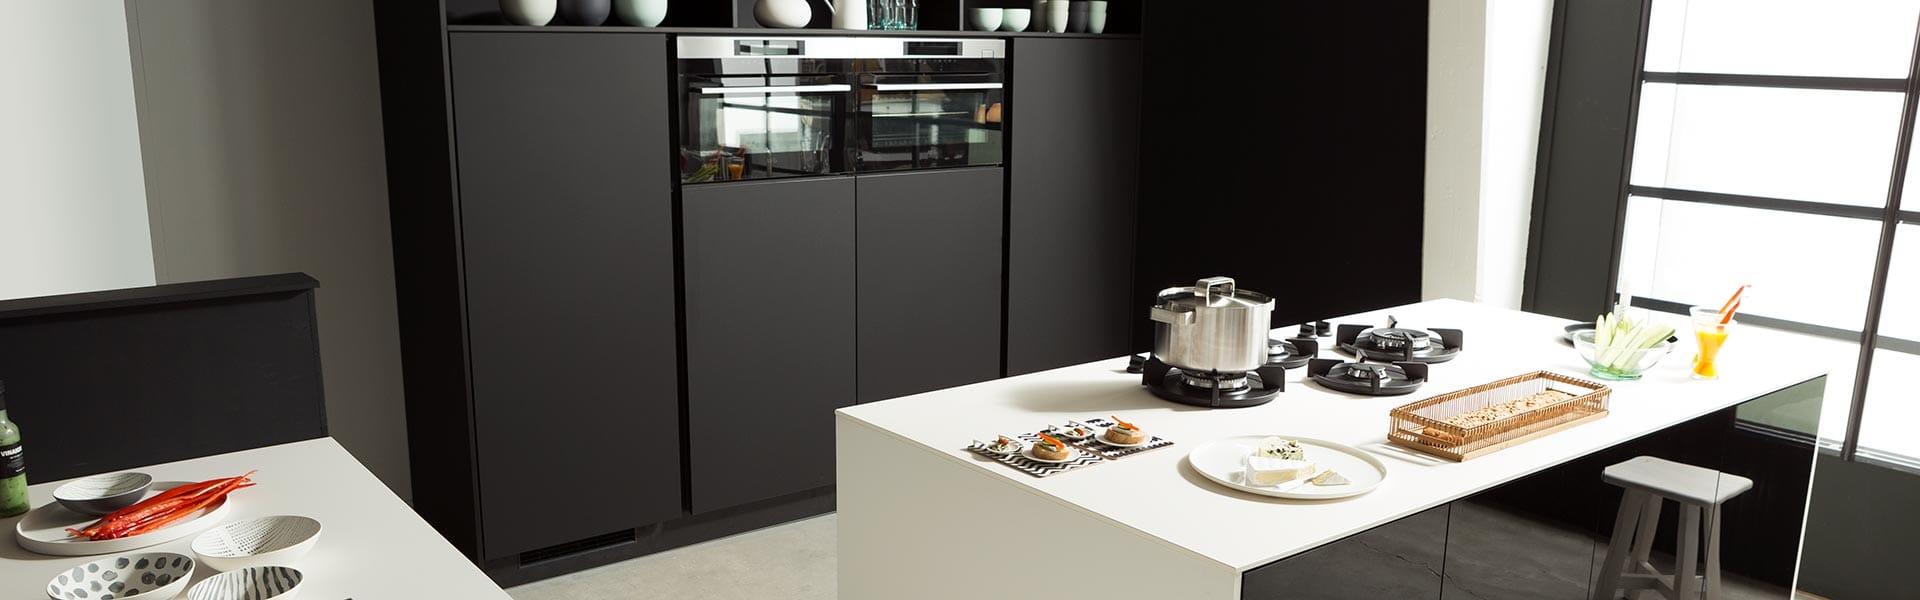 Keuken showroom | Eigenhuis Keukens